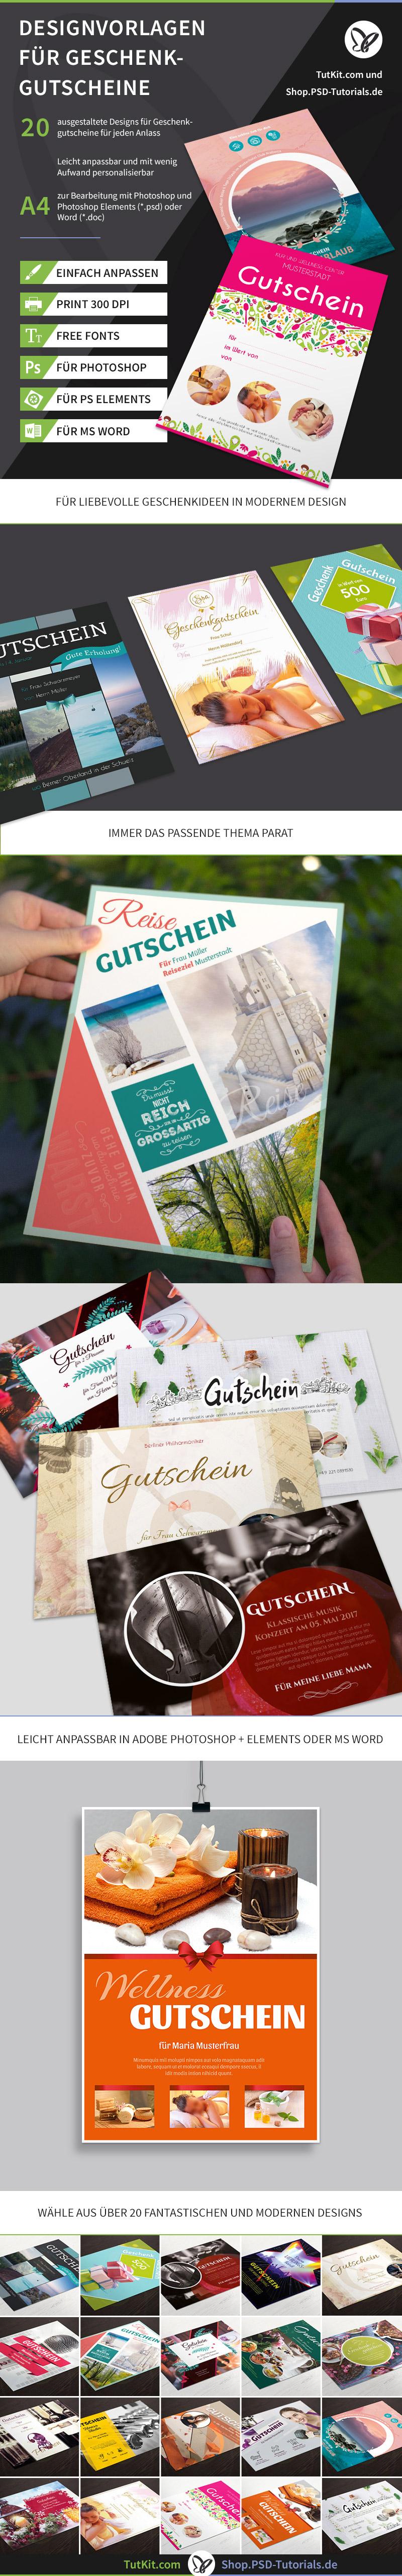 Vorlagen für Geschenk-Gutscheine